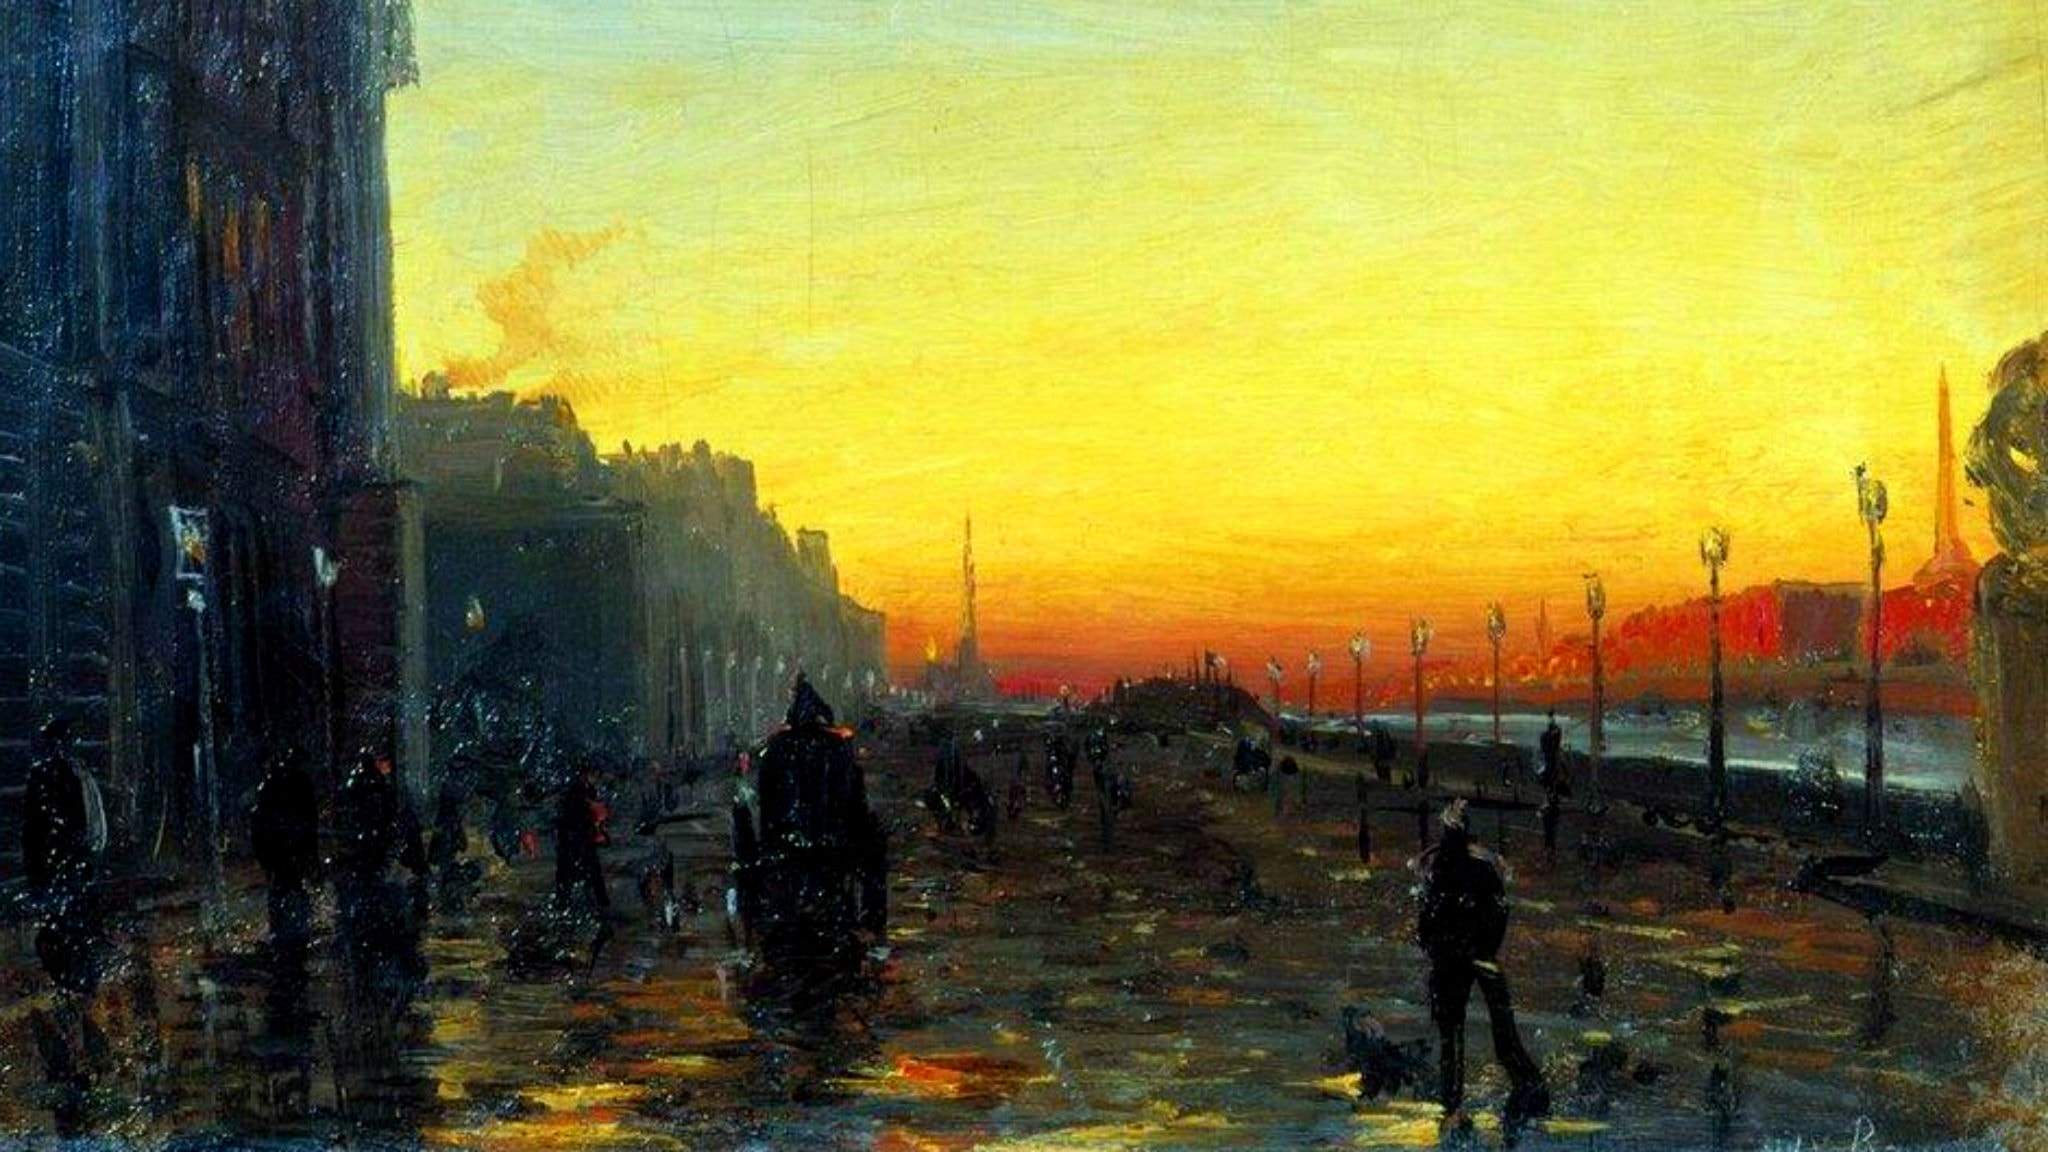 Gryning över Moskvafloden, solnedgången, en bekant inledning samt svit i gammal stil